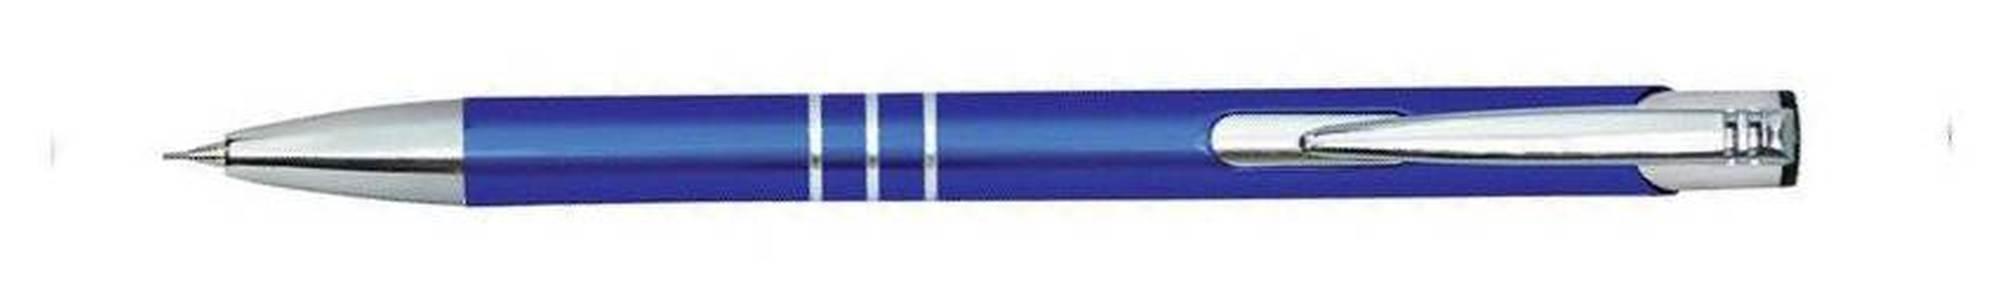 Ołówki reklamowe metalowe – 19130